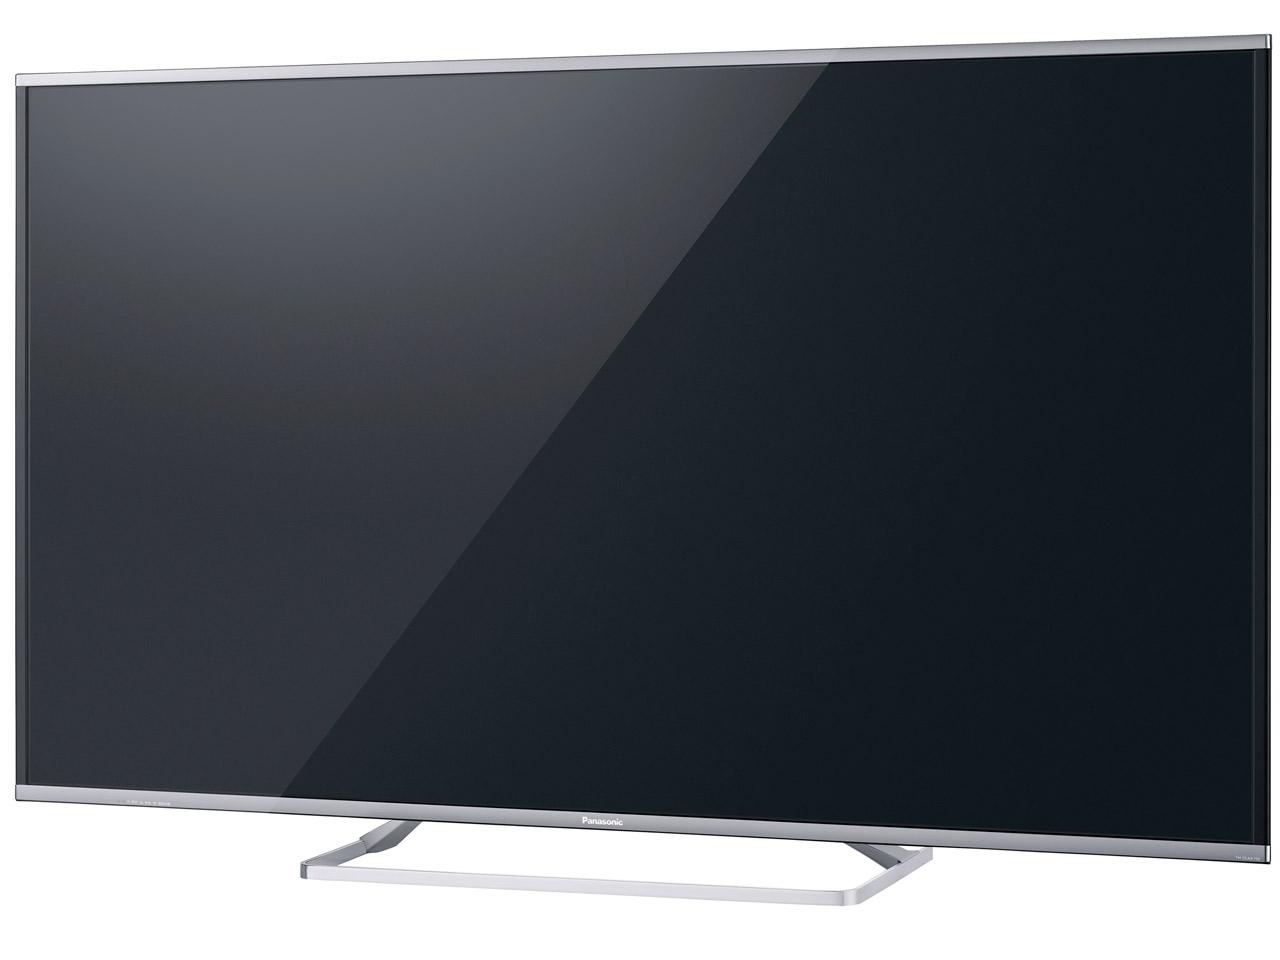 『本体 斜め』 VIERA TH-55AX700 [55インチ] の製品画像